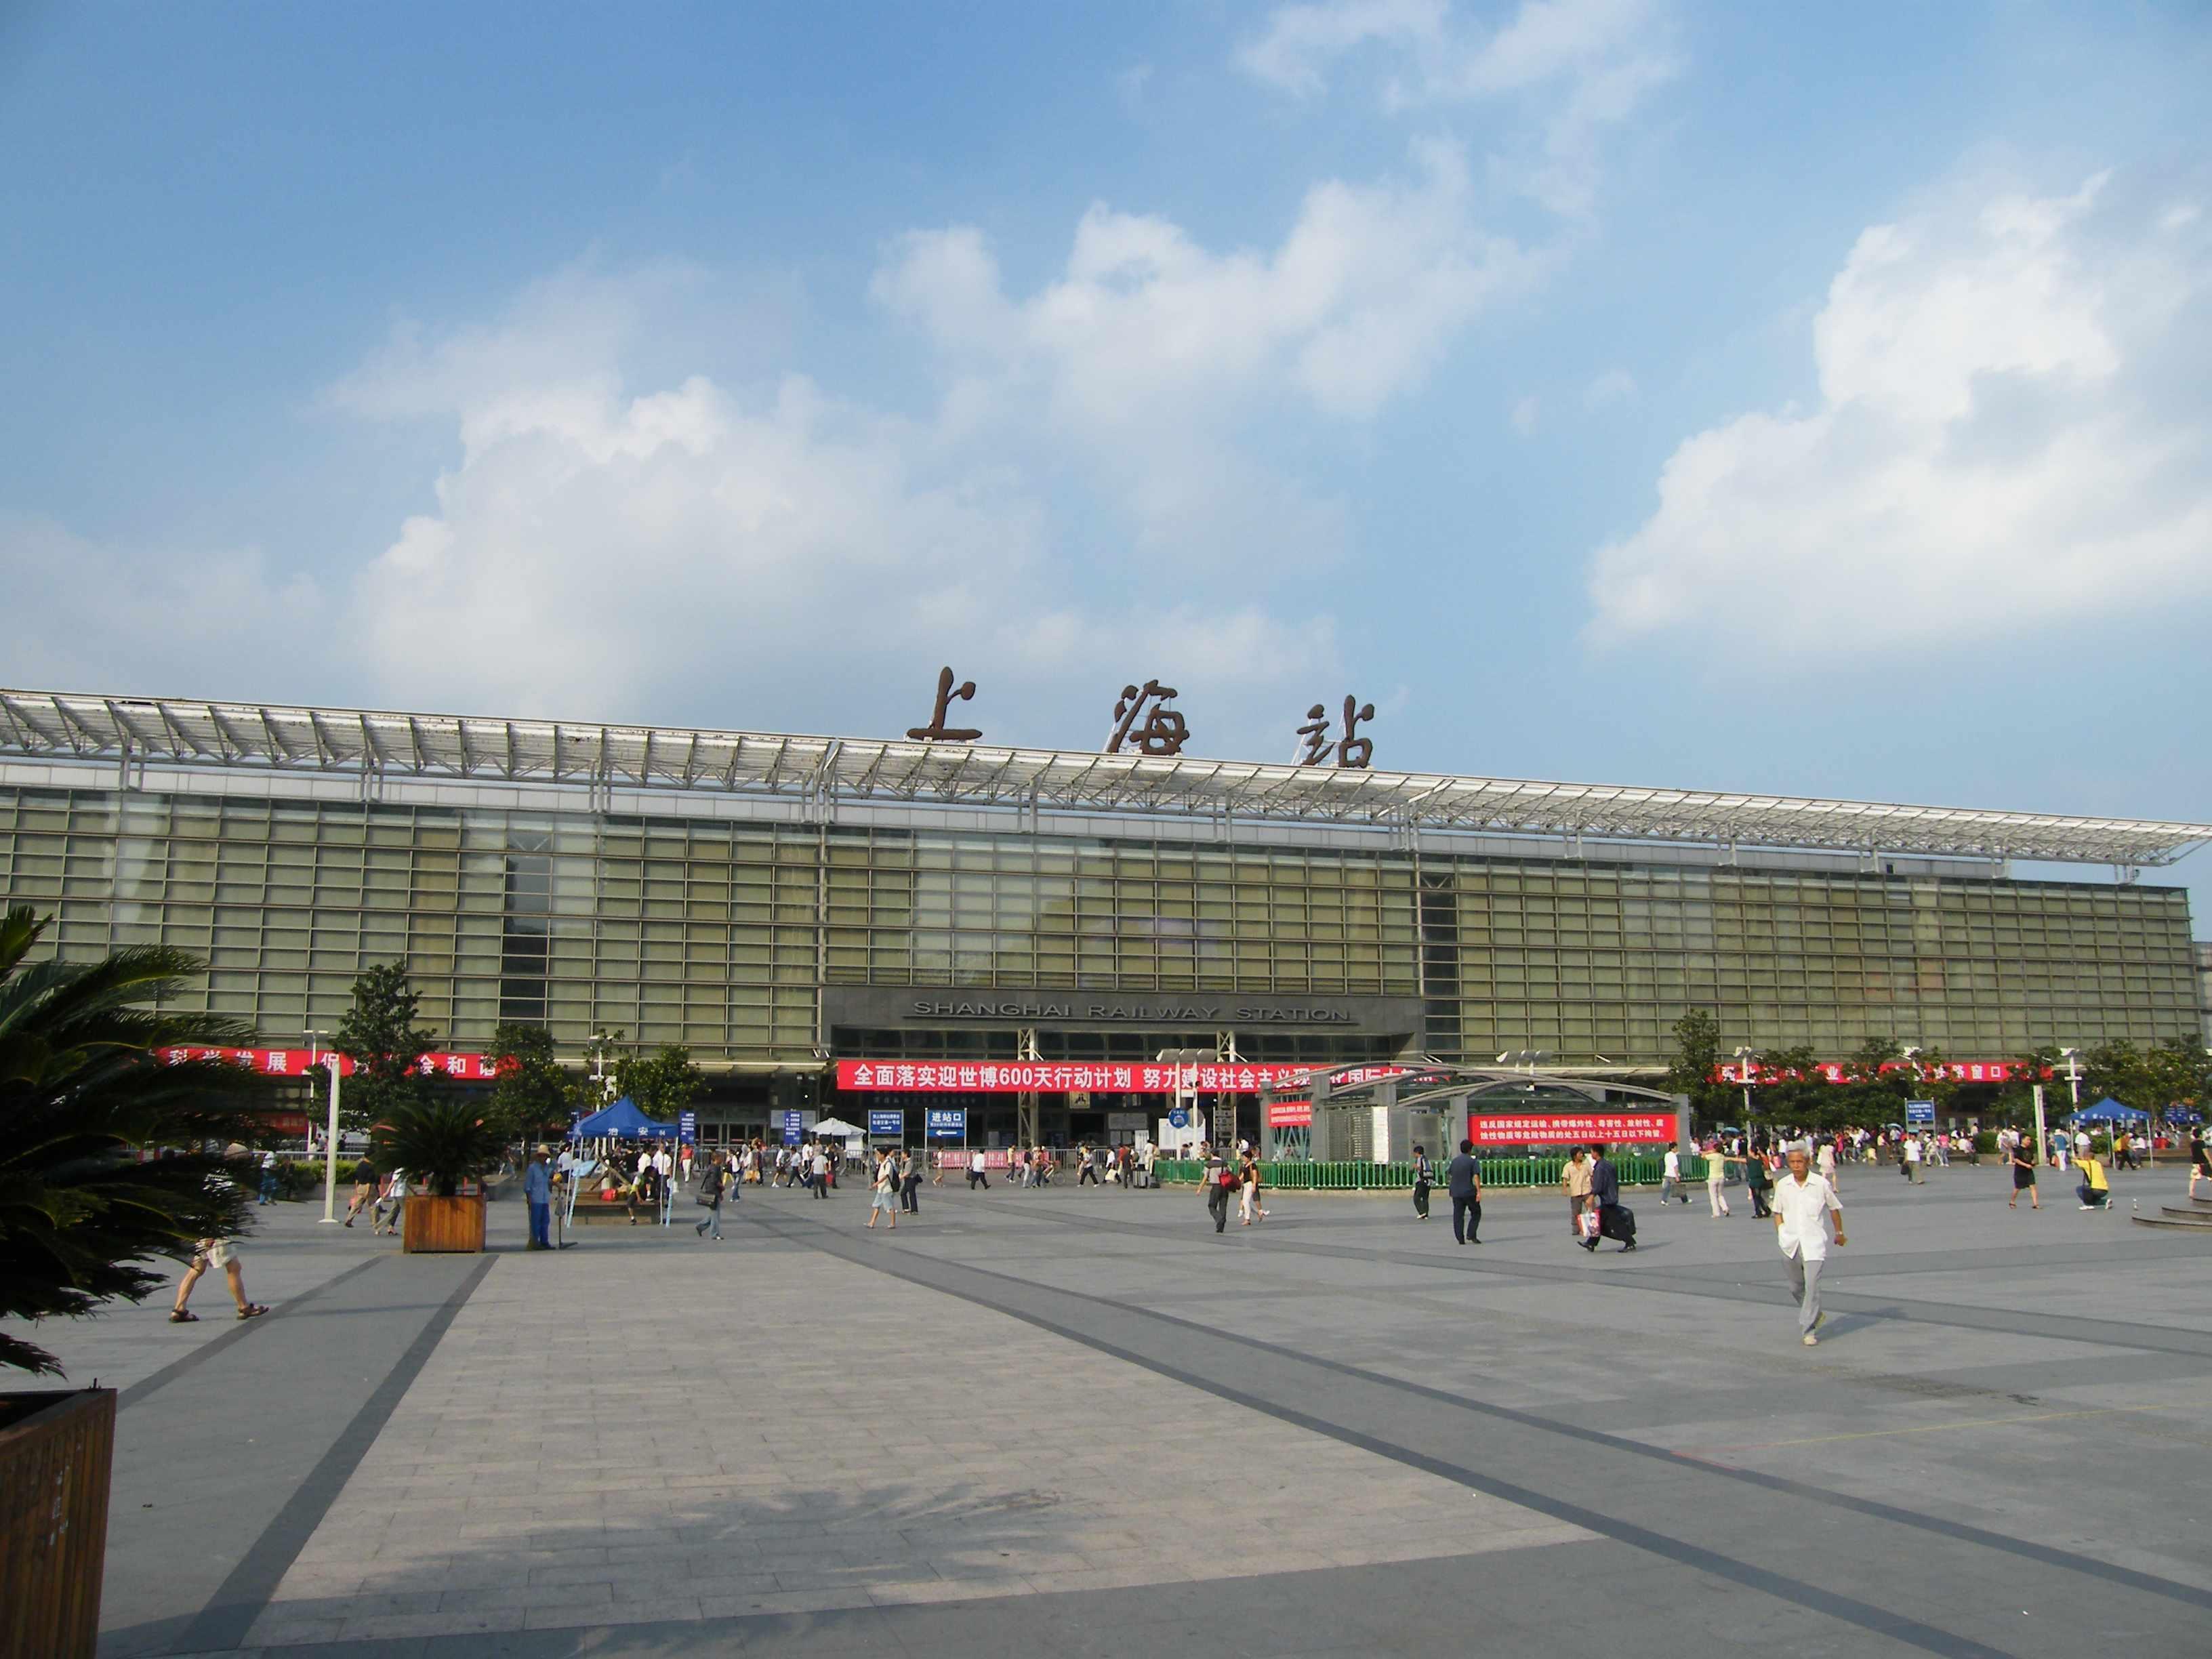 上海南站火车站_上海火车站